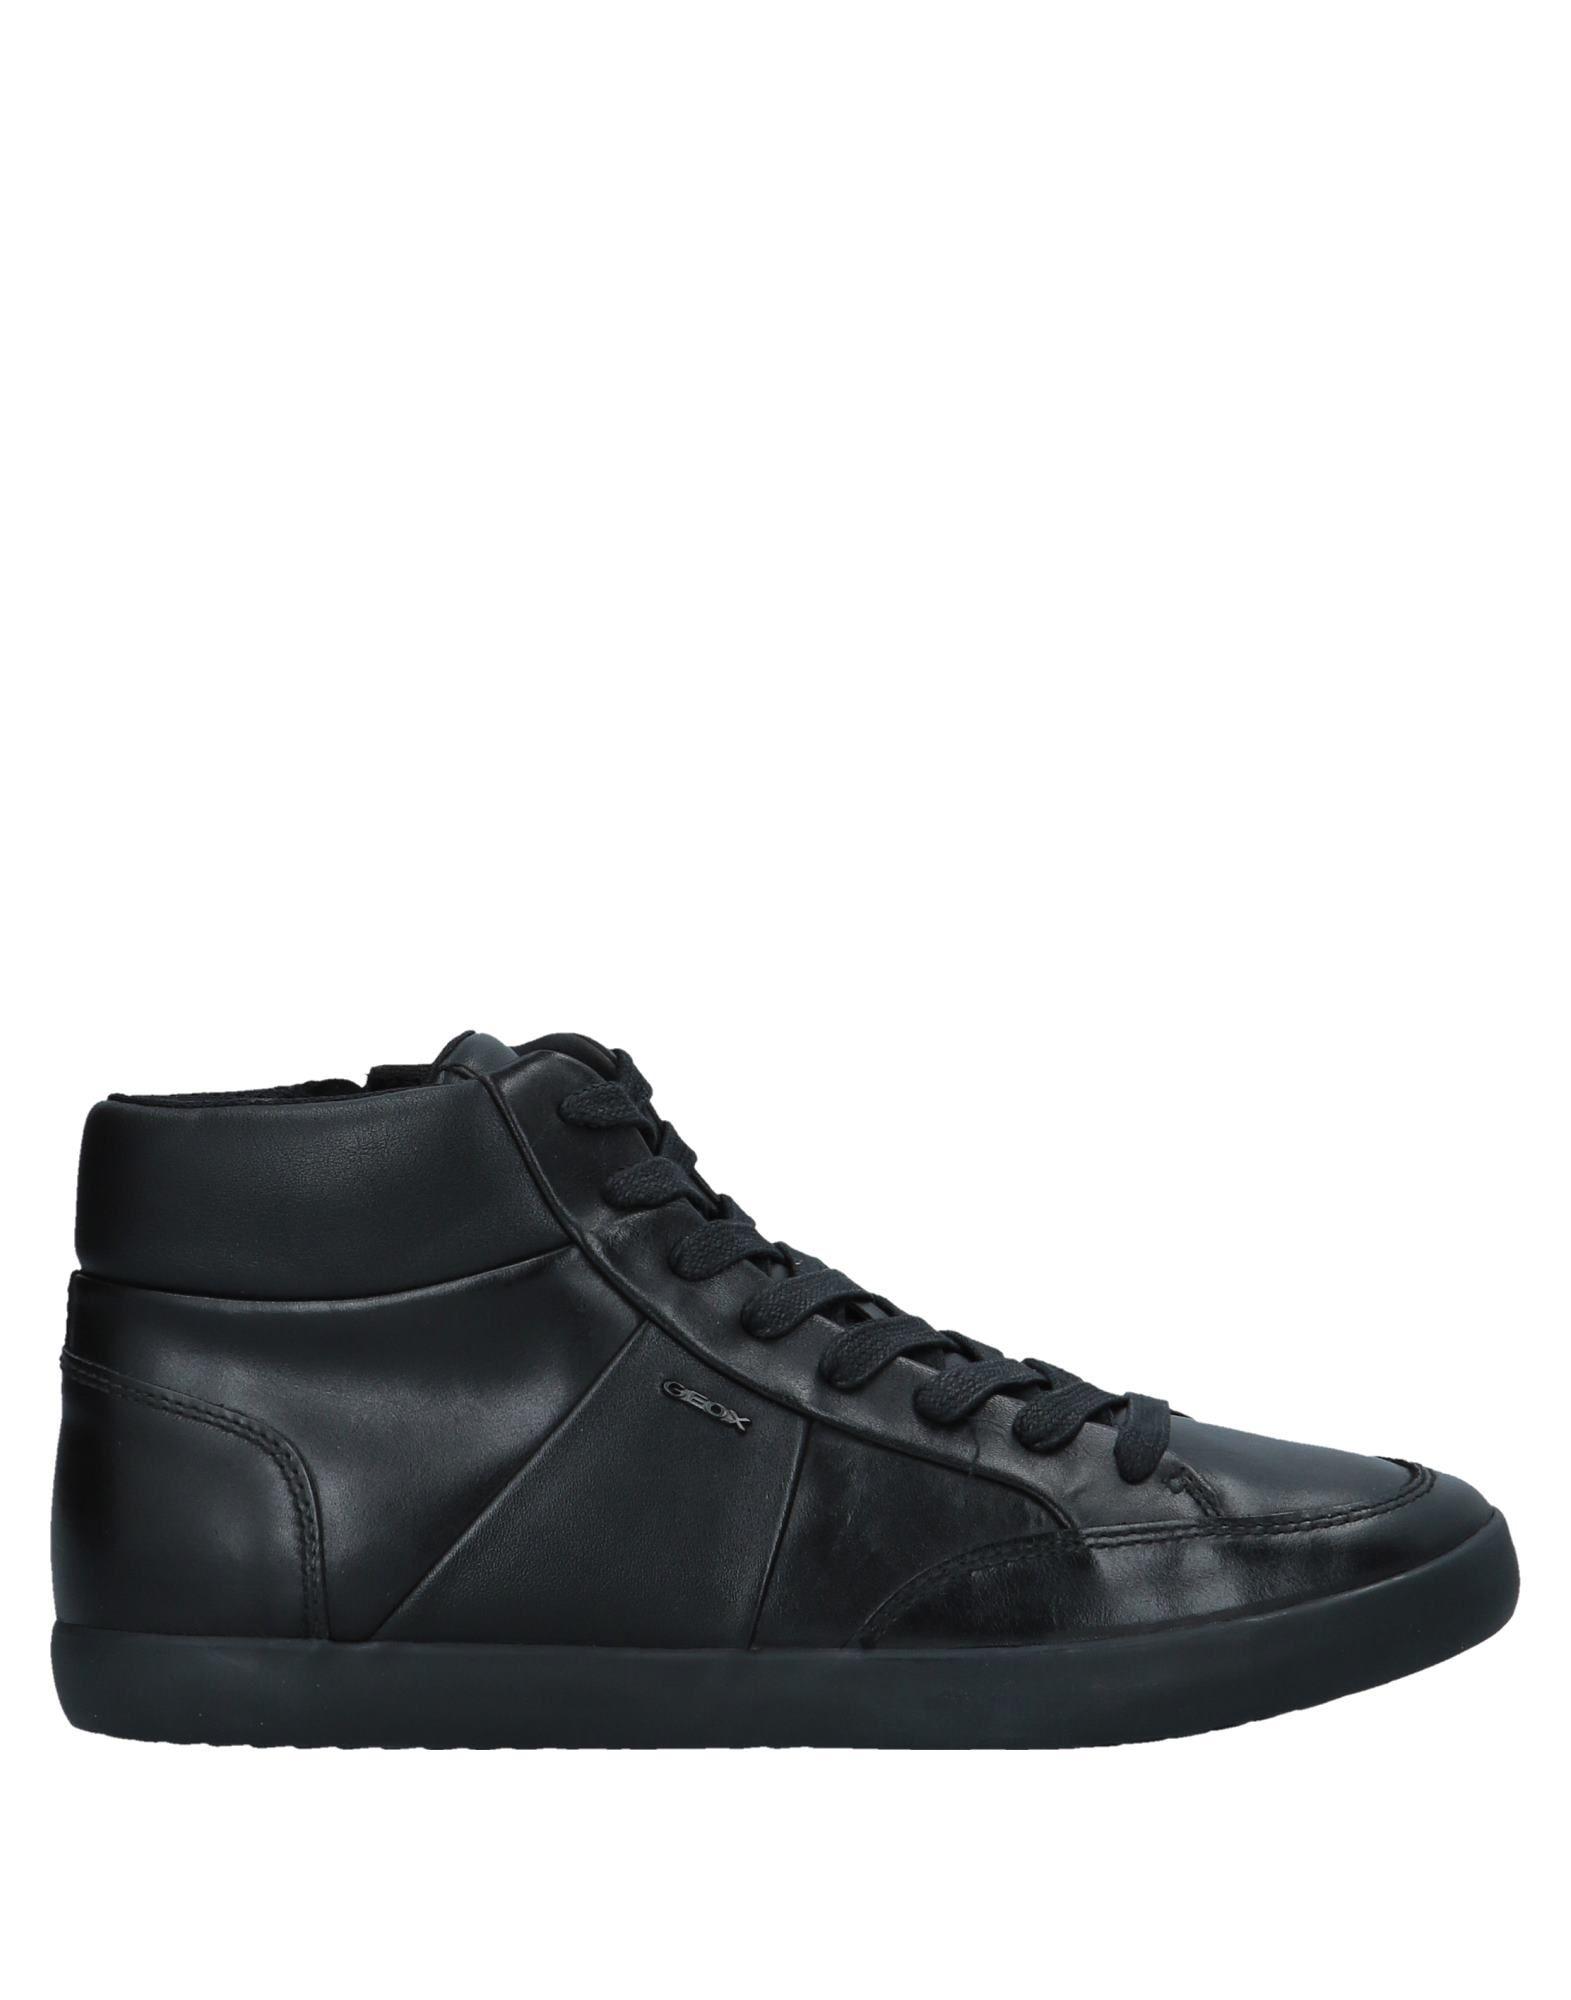 Sneakers Geox Uomo - 11542476PG Scarpe economiche e buone